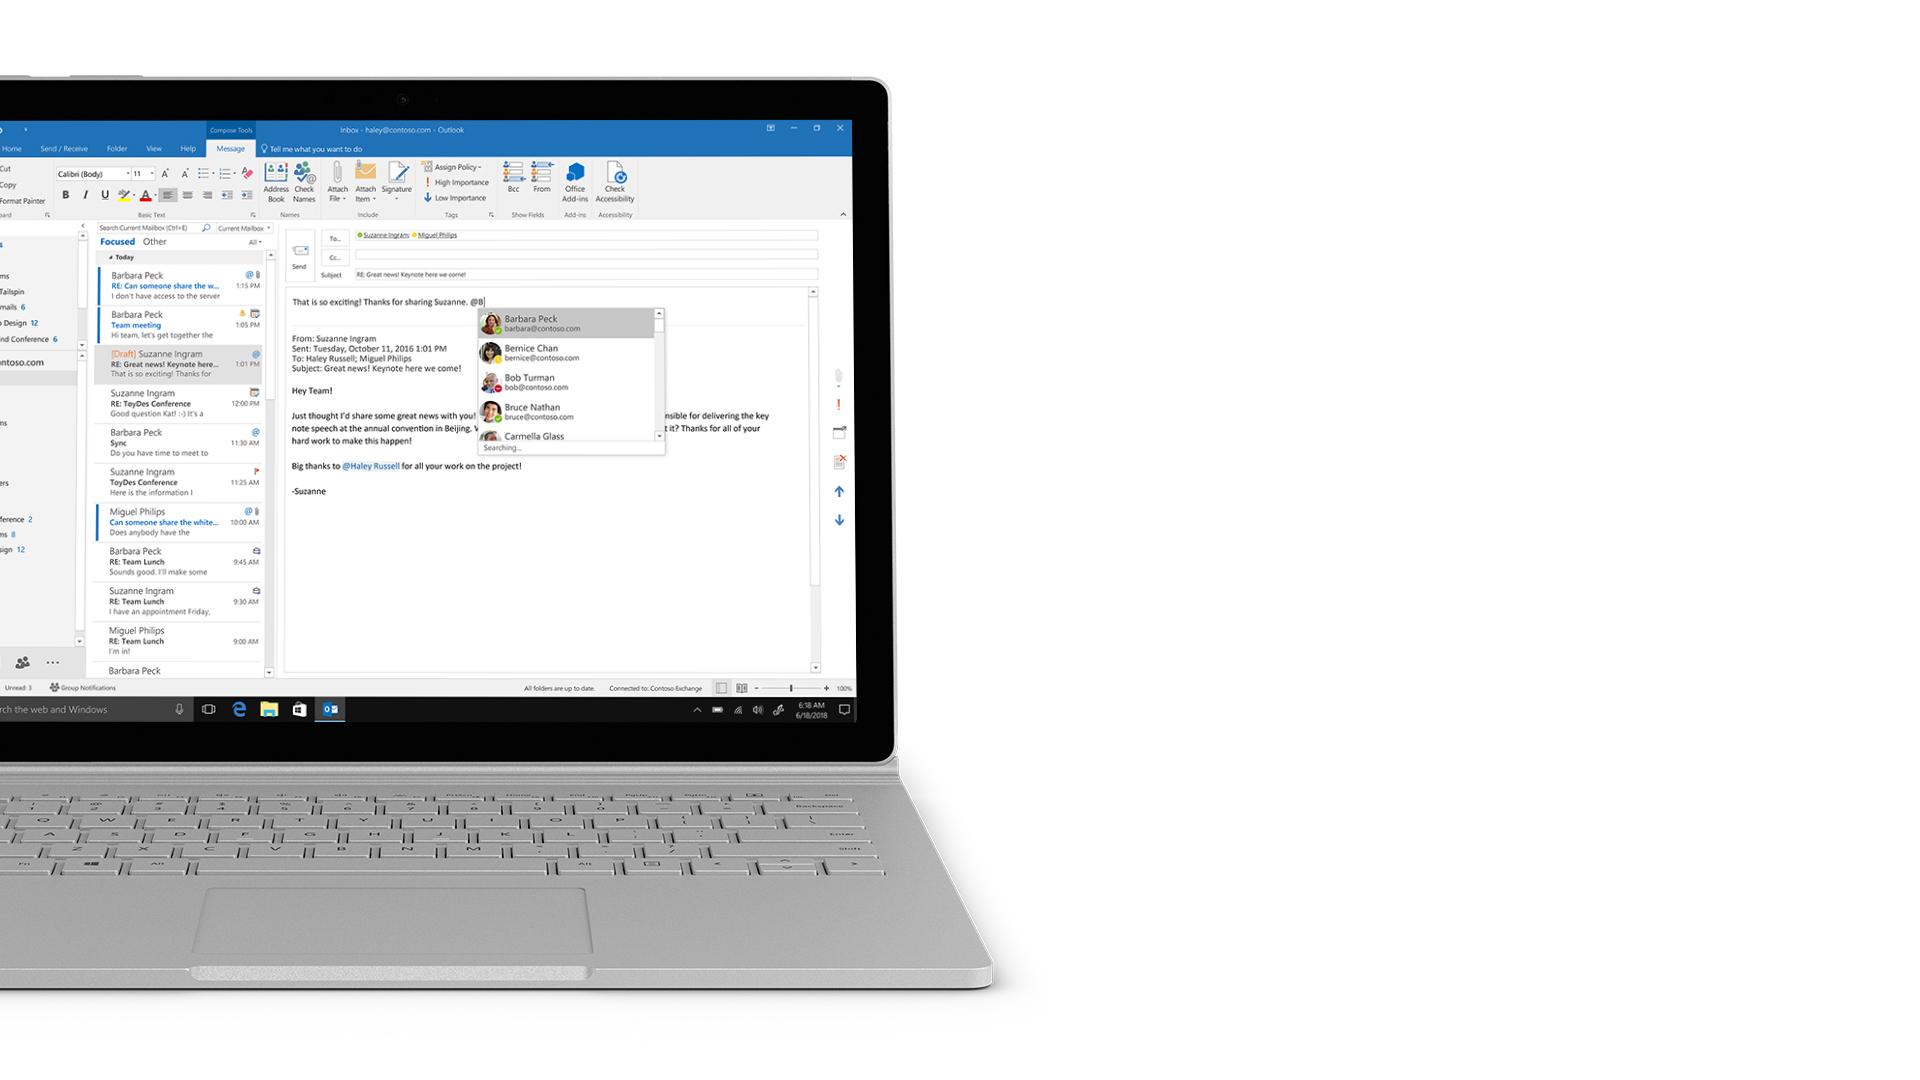 Outlook-skjermbilde på Surface.